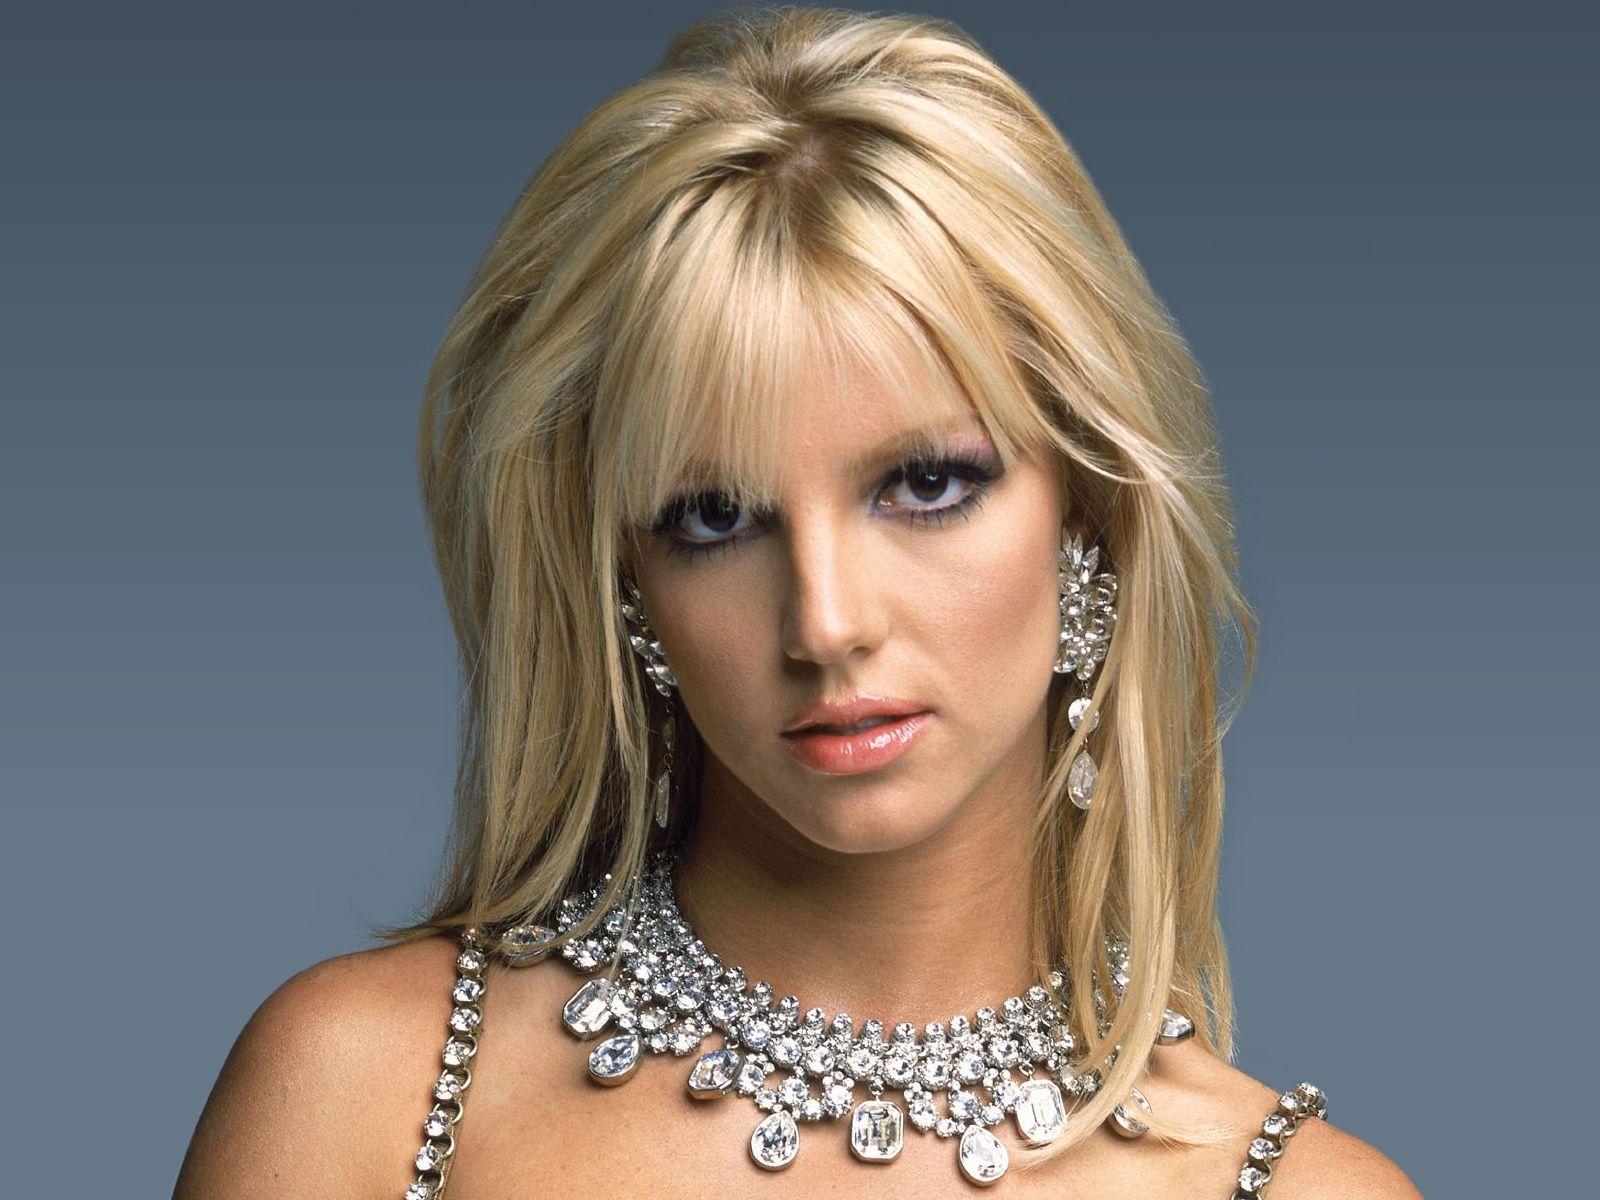 Фото девушек звезд эстрады, Голые знаменитости - российские голые звезды фото 4 фотография